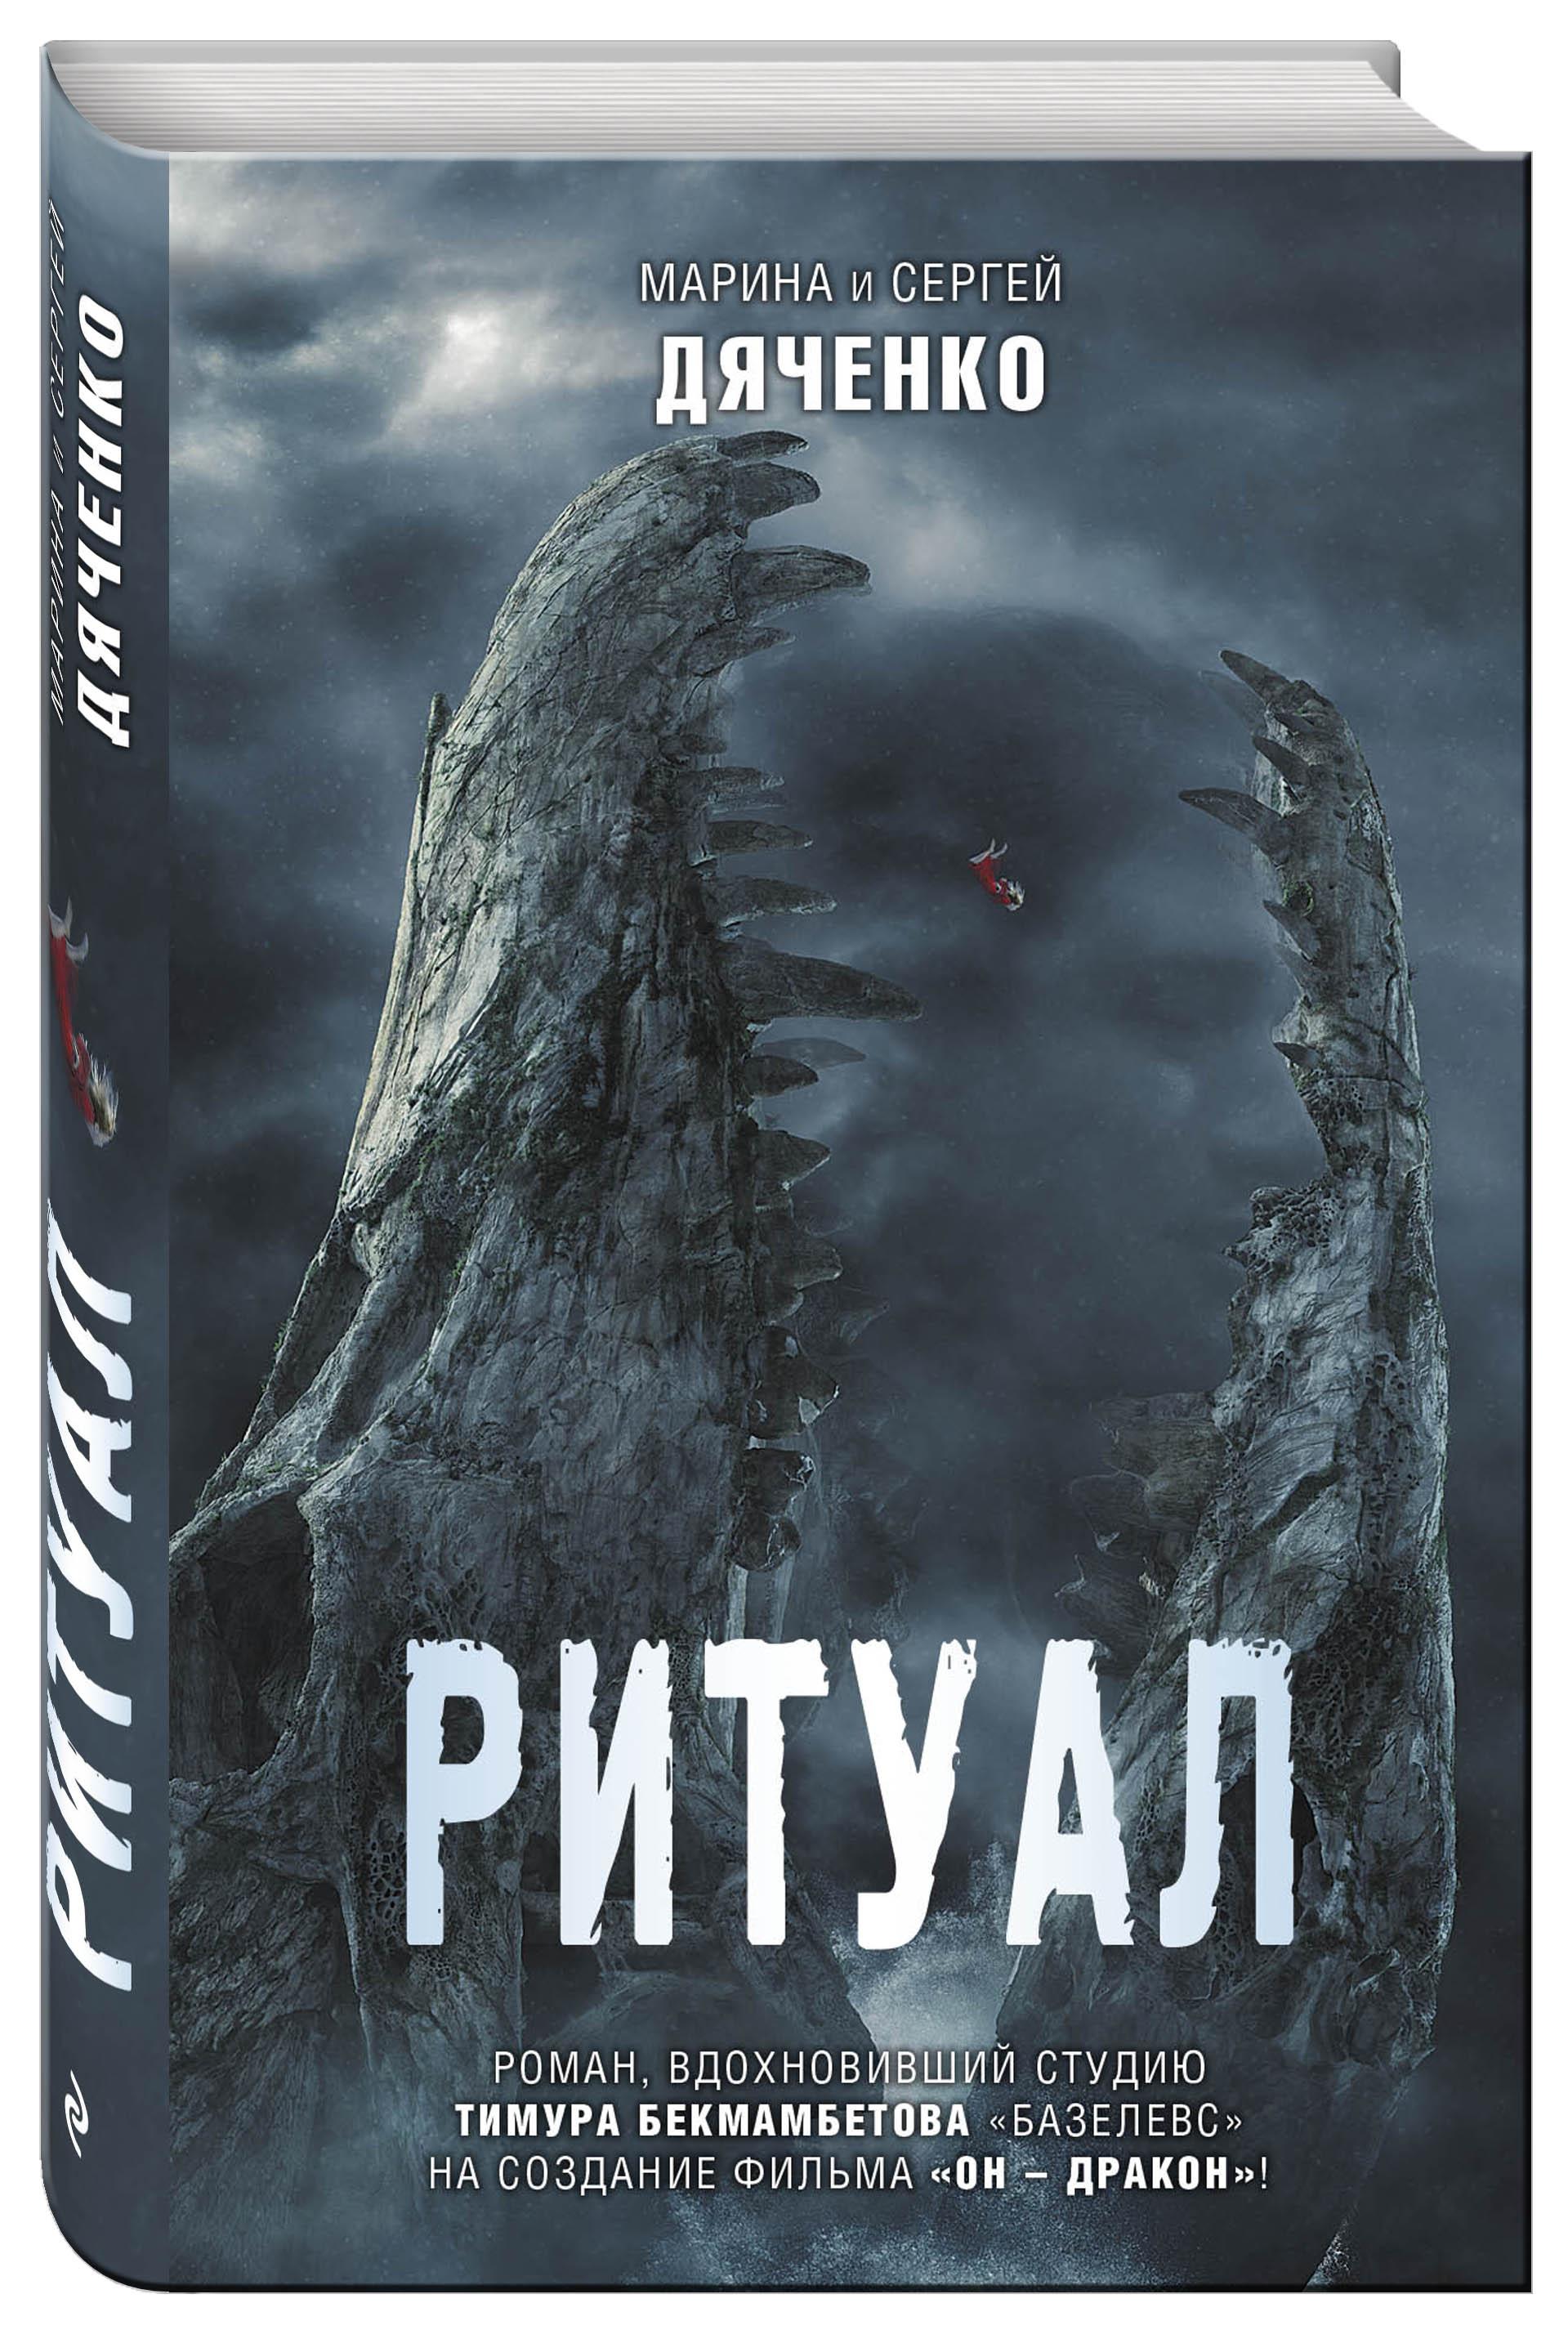 Ритуал от book24.ru